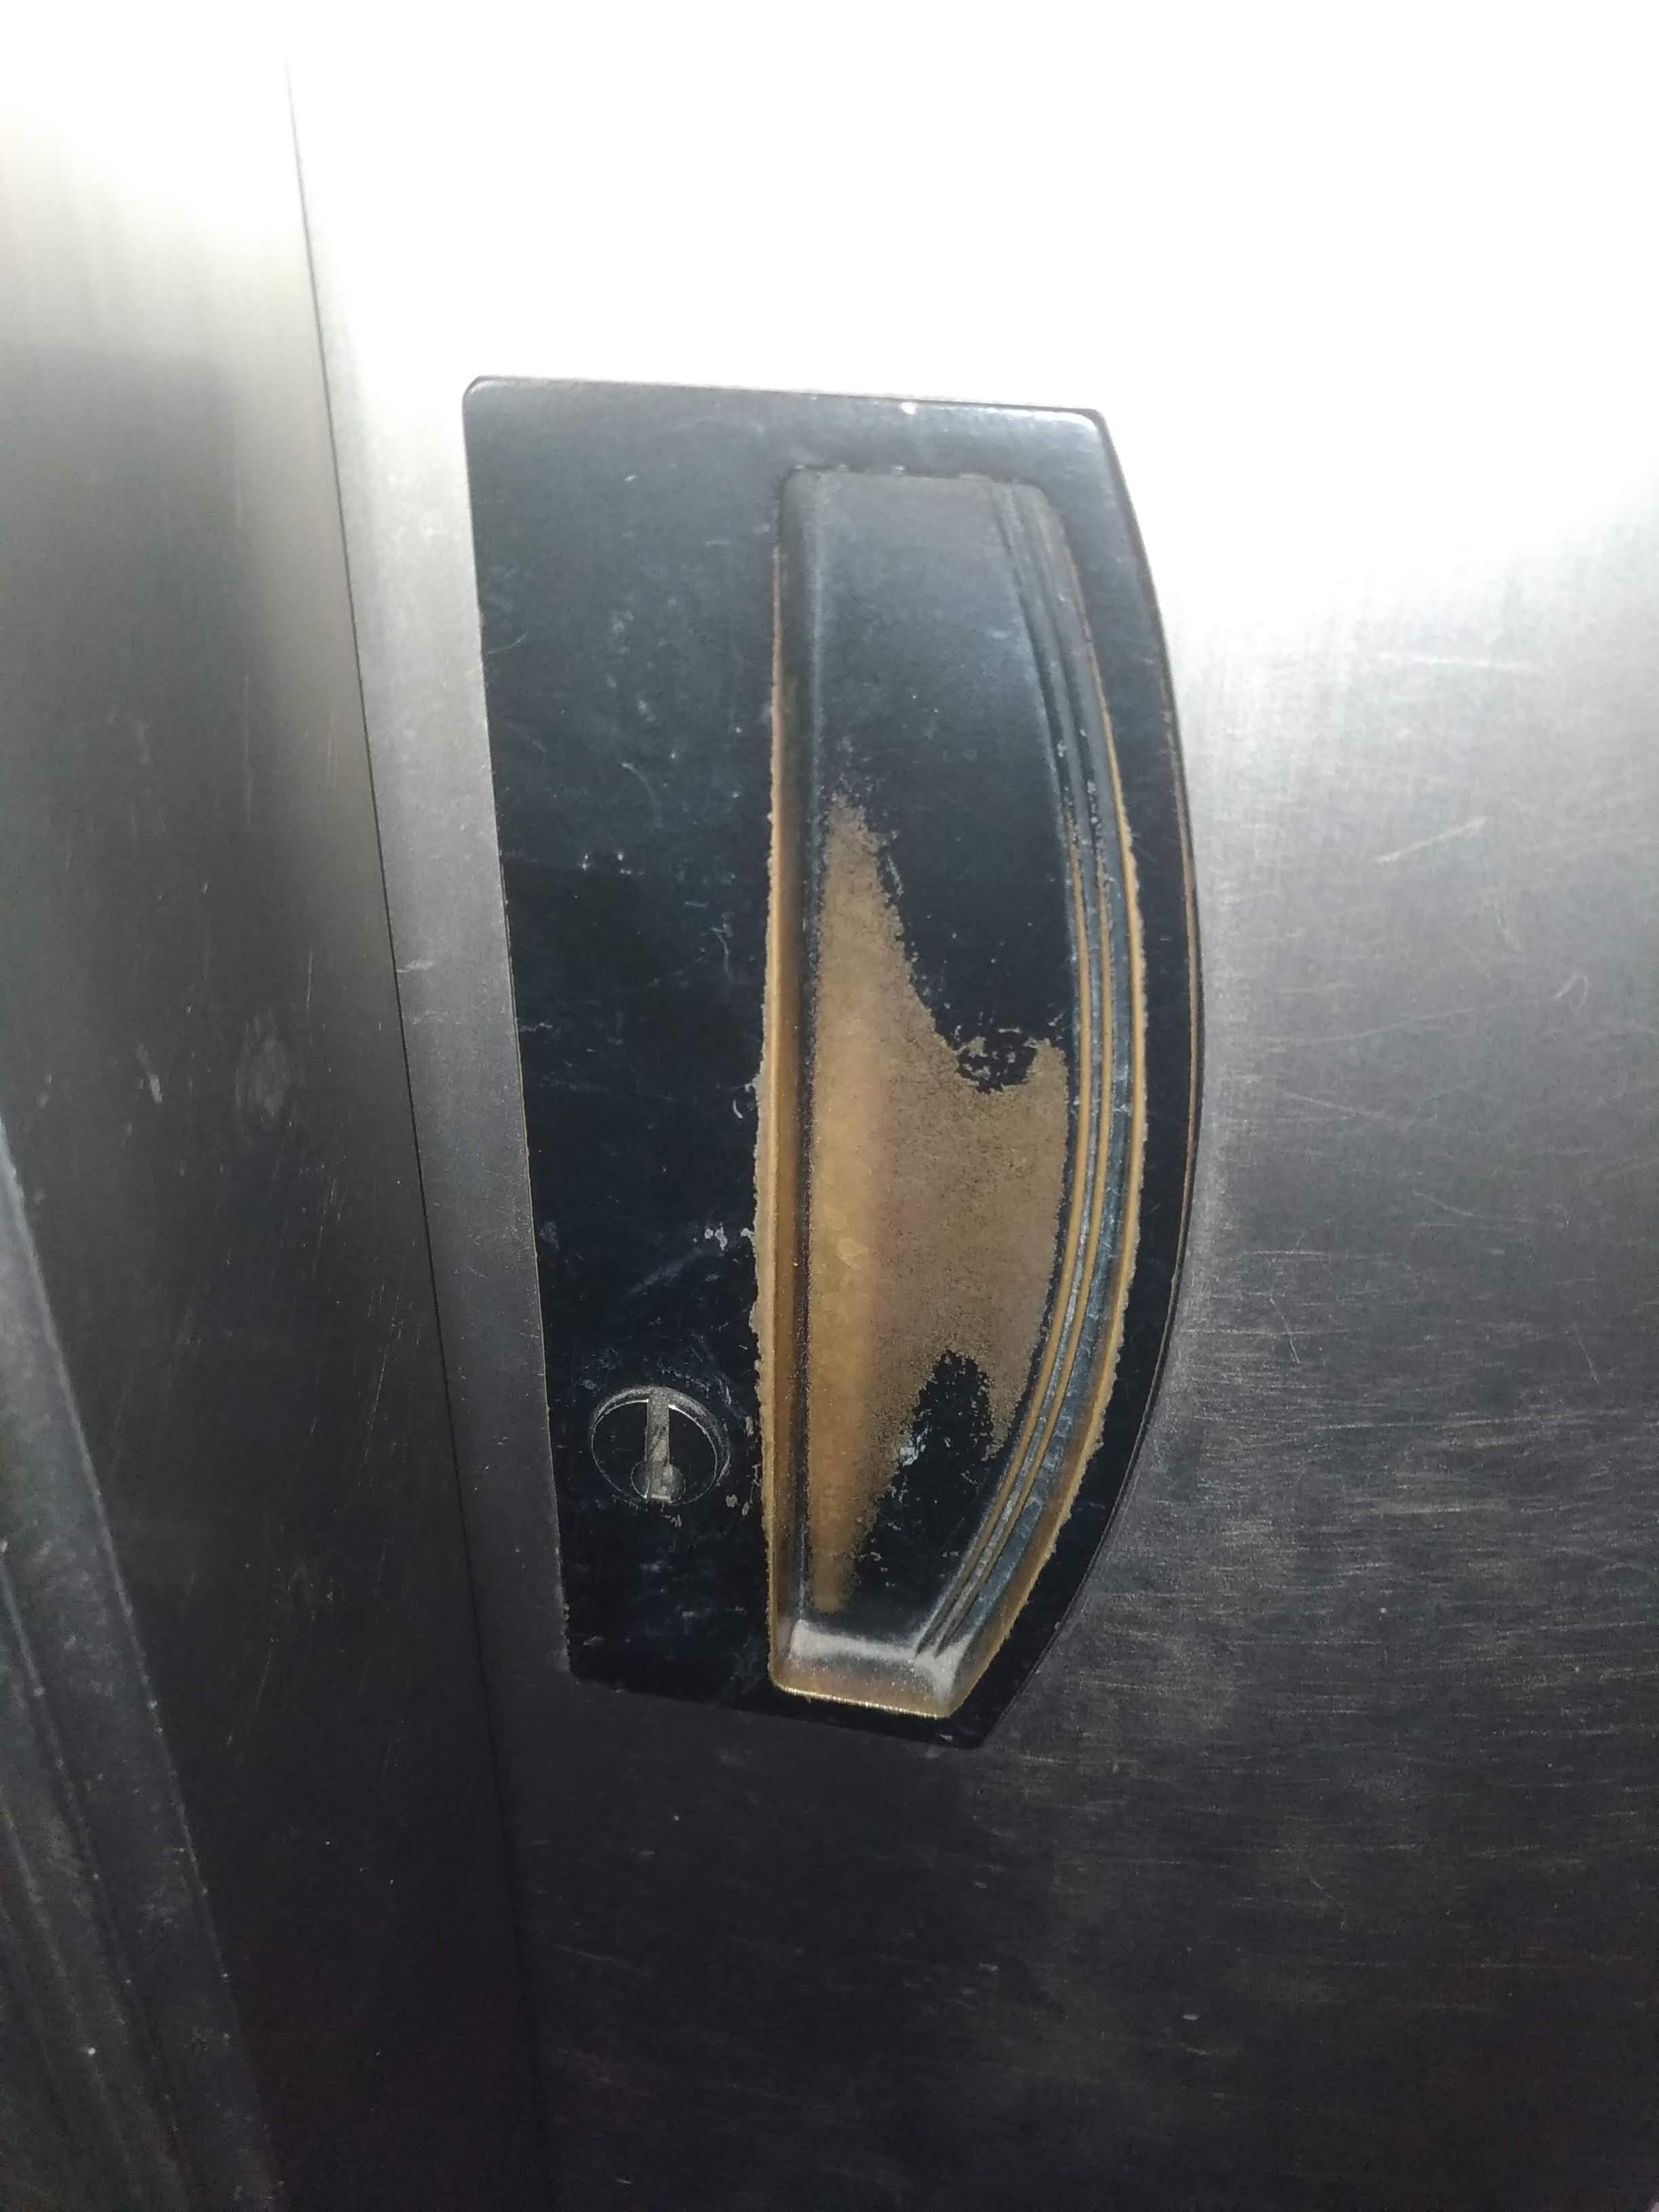 戸先錠内側、サムターンが折れてなくなっています。